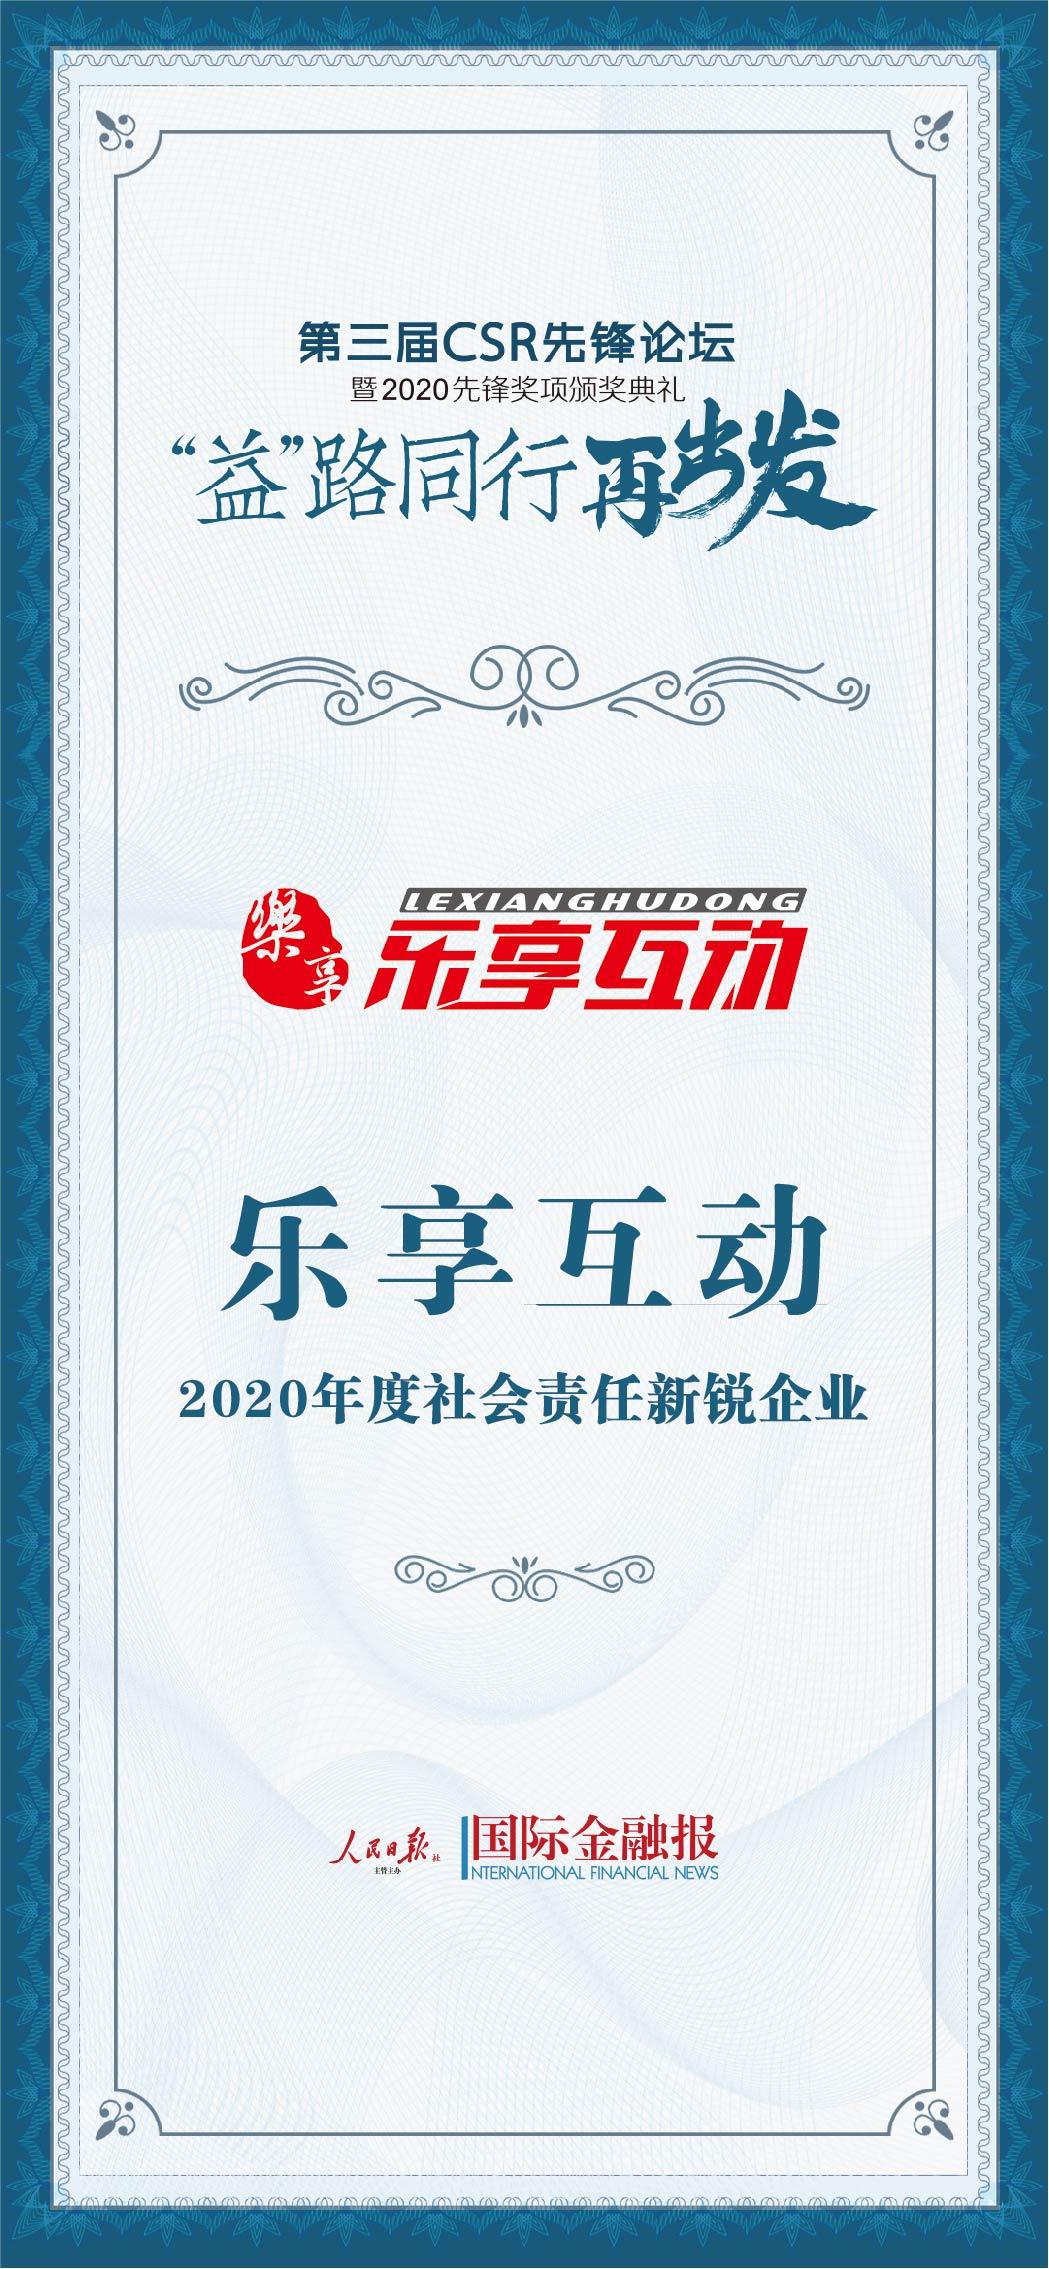 """乐享互动荣膺""""2020年度社会责任新锐企业"""""""